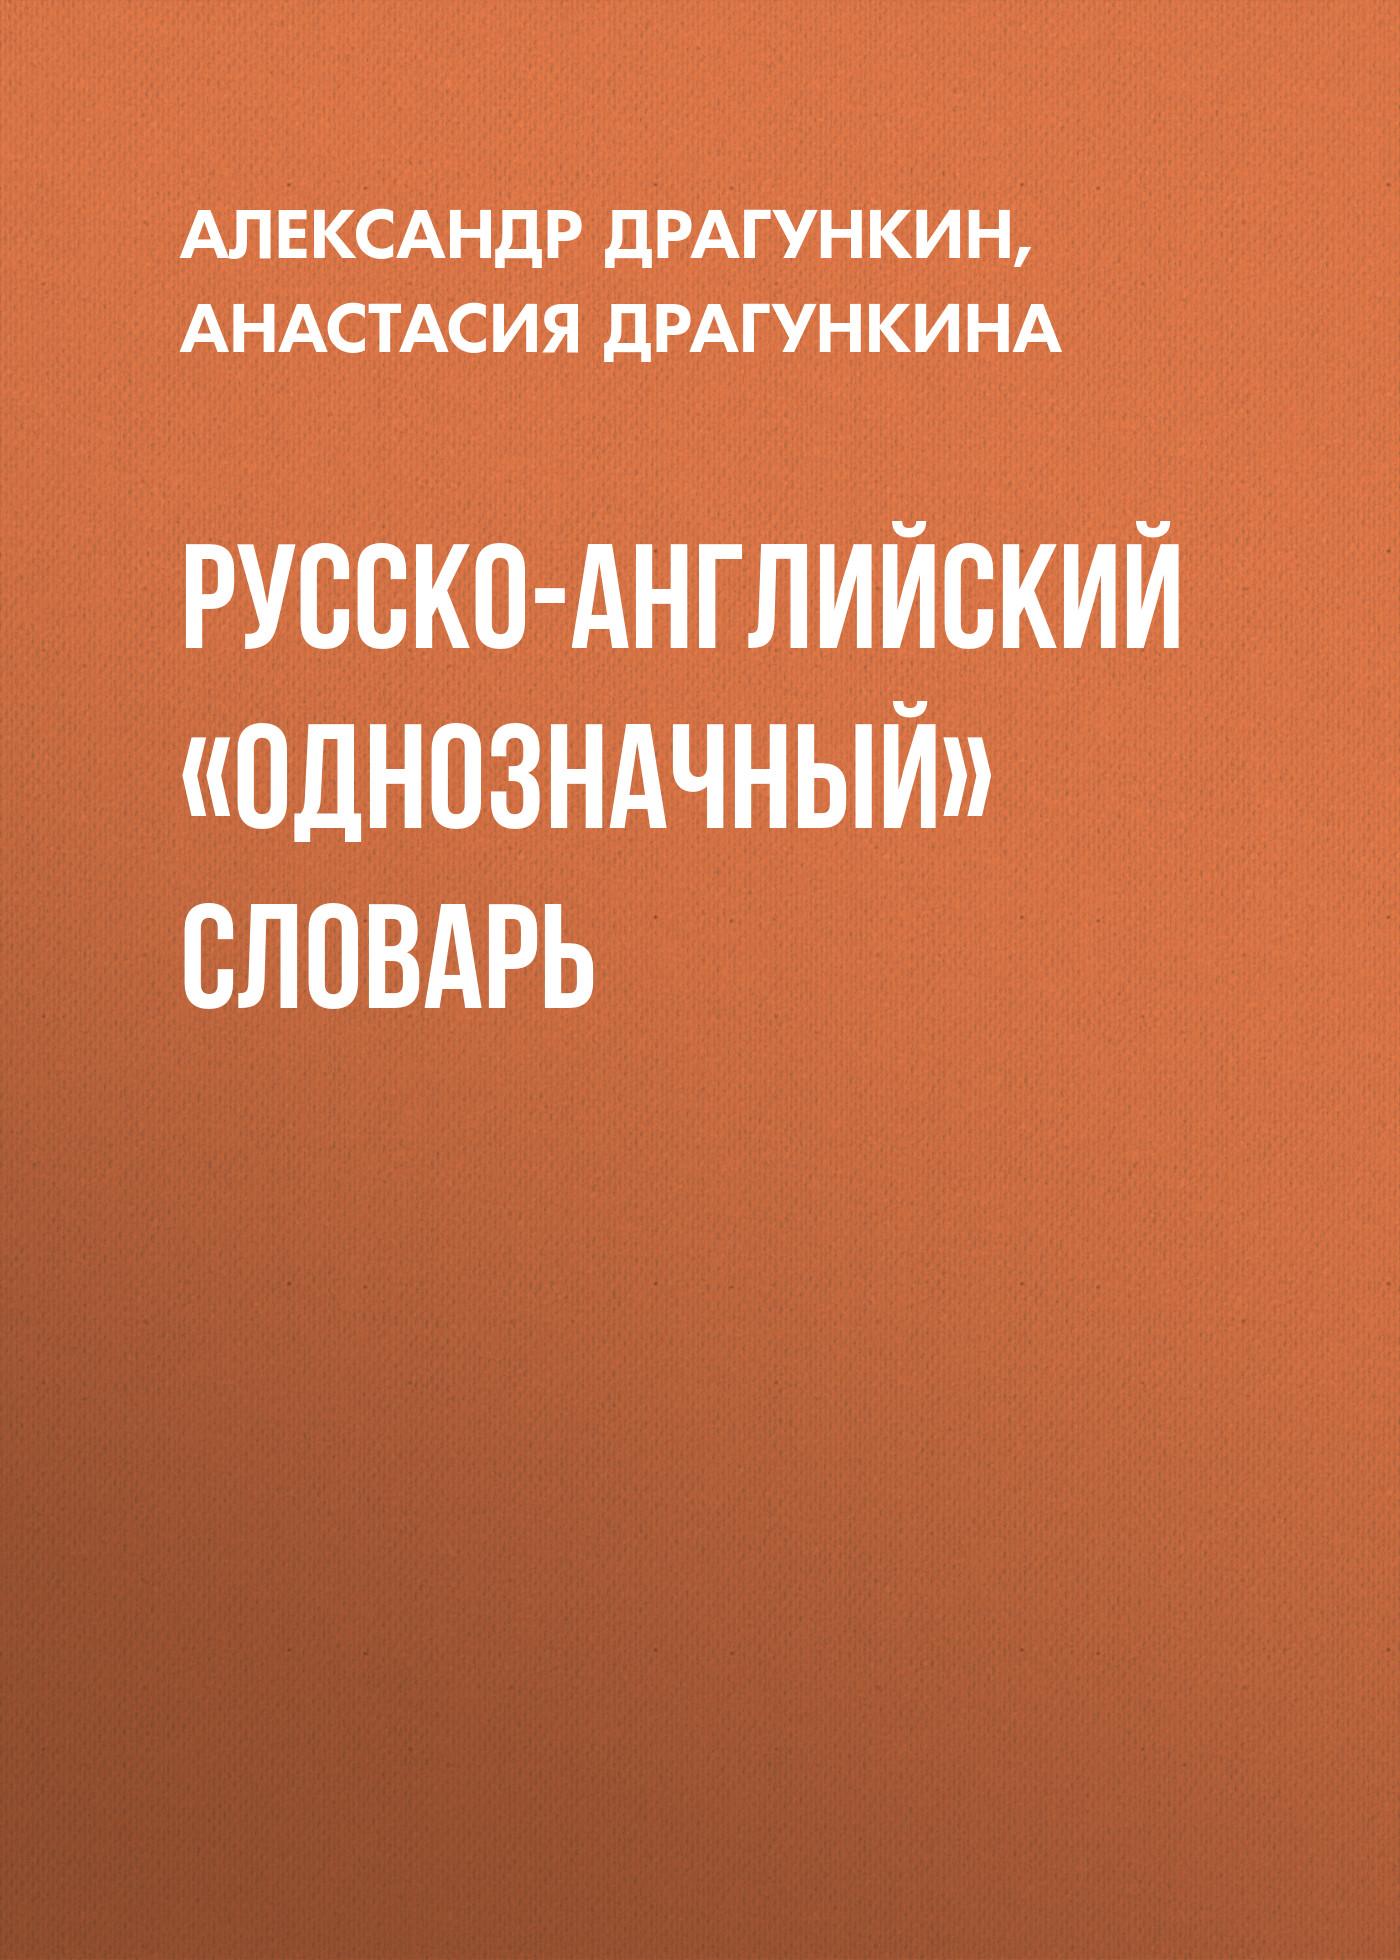 Русско-английский «однозначный» словарь